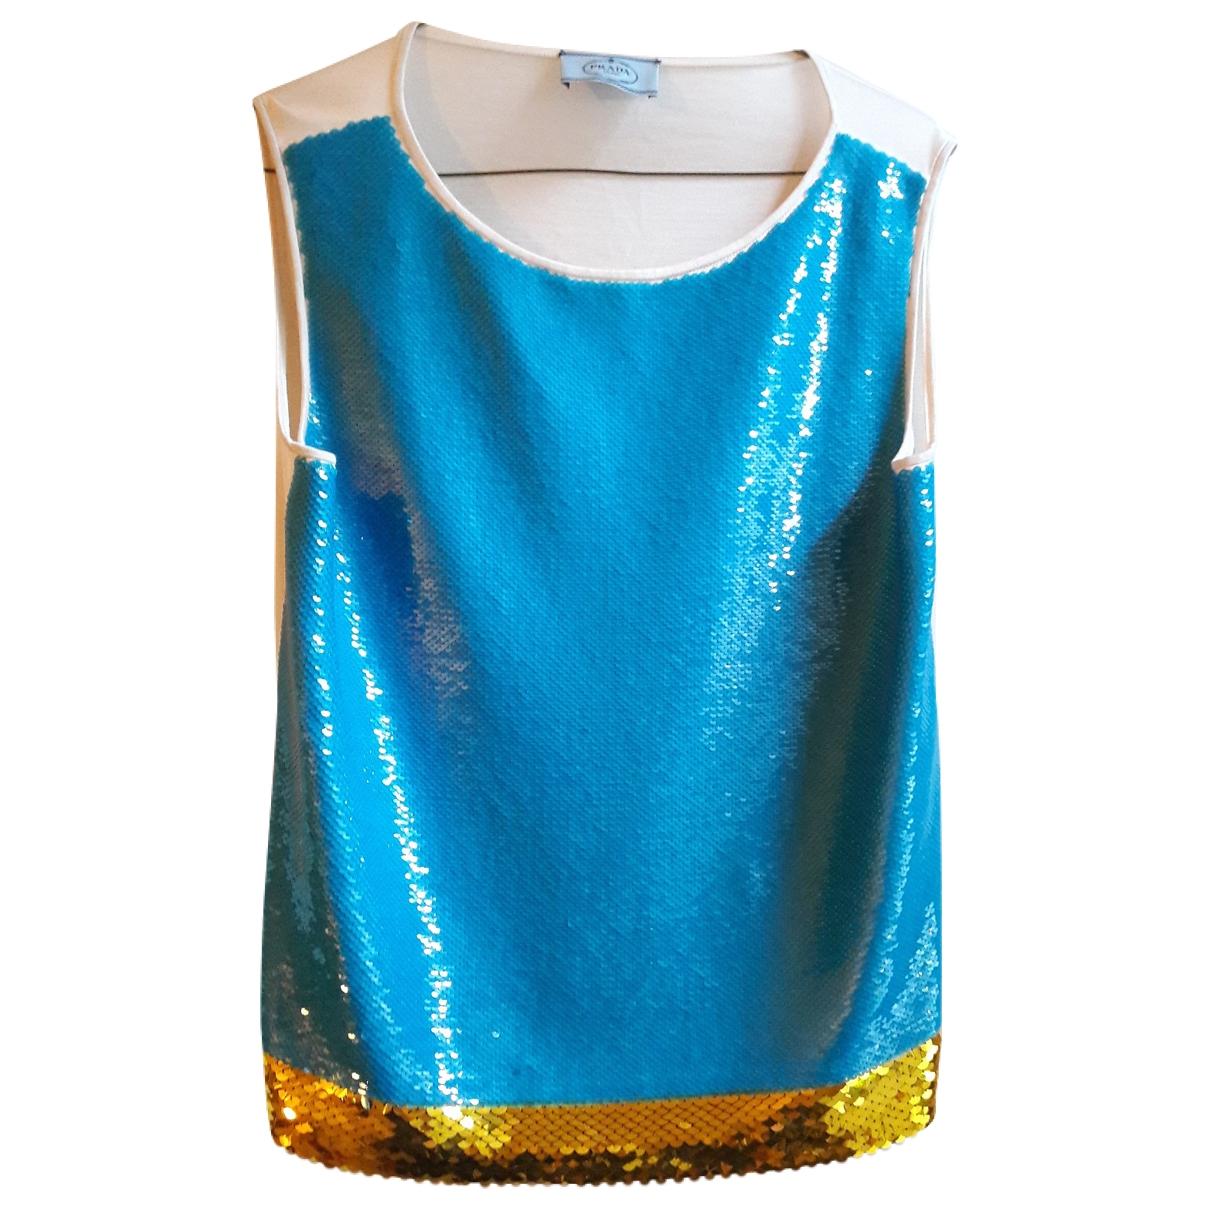 Prada - Top   pour femme en a paillettes - turquoise